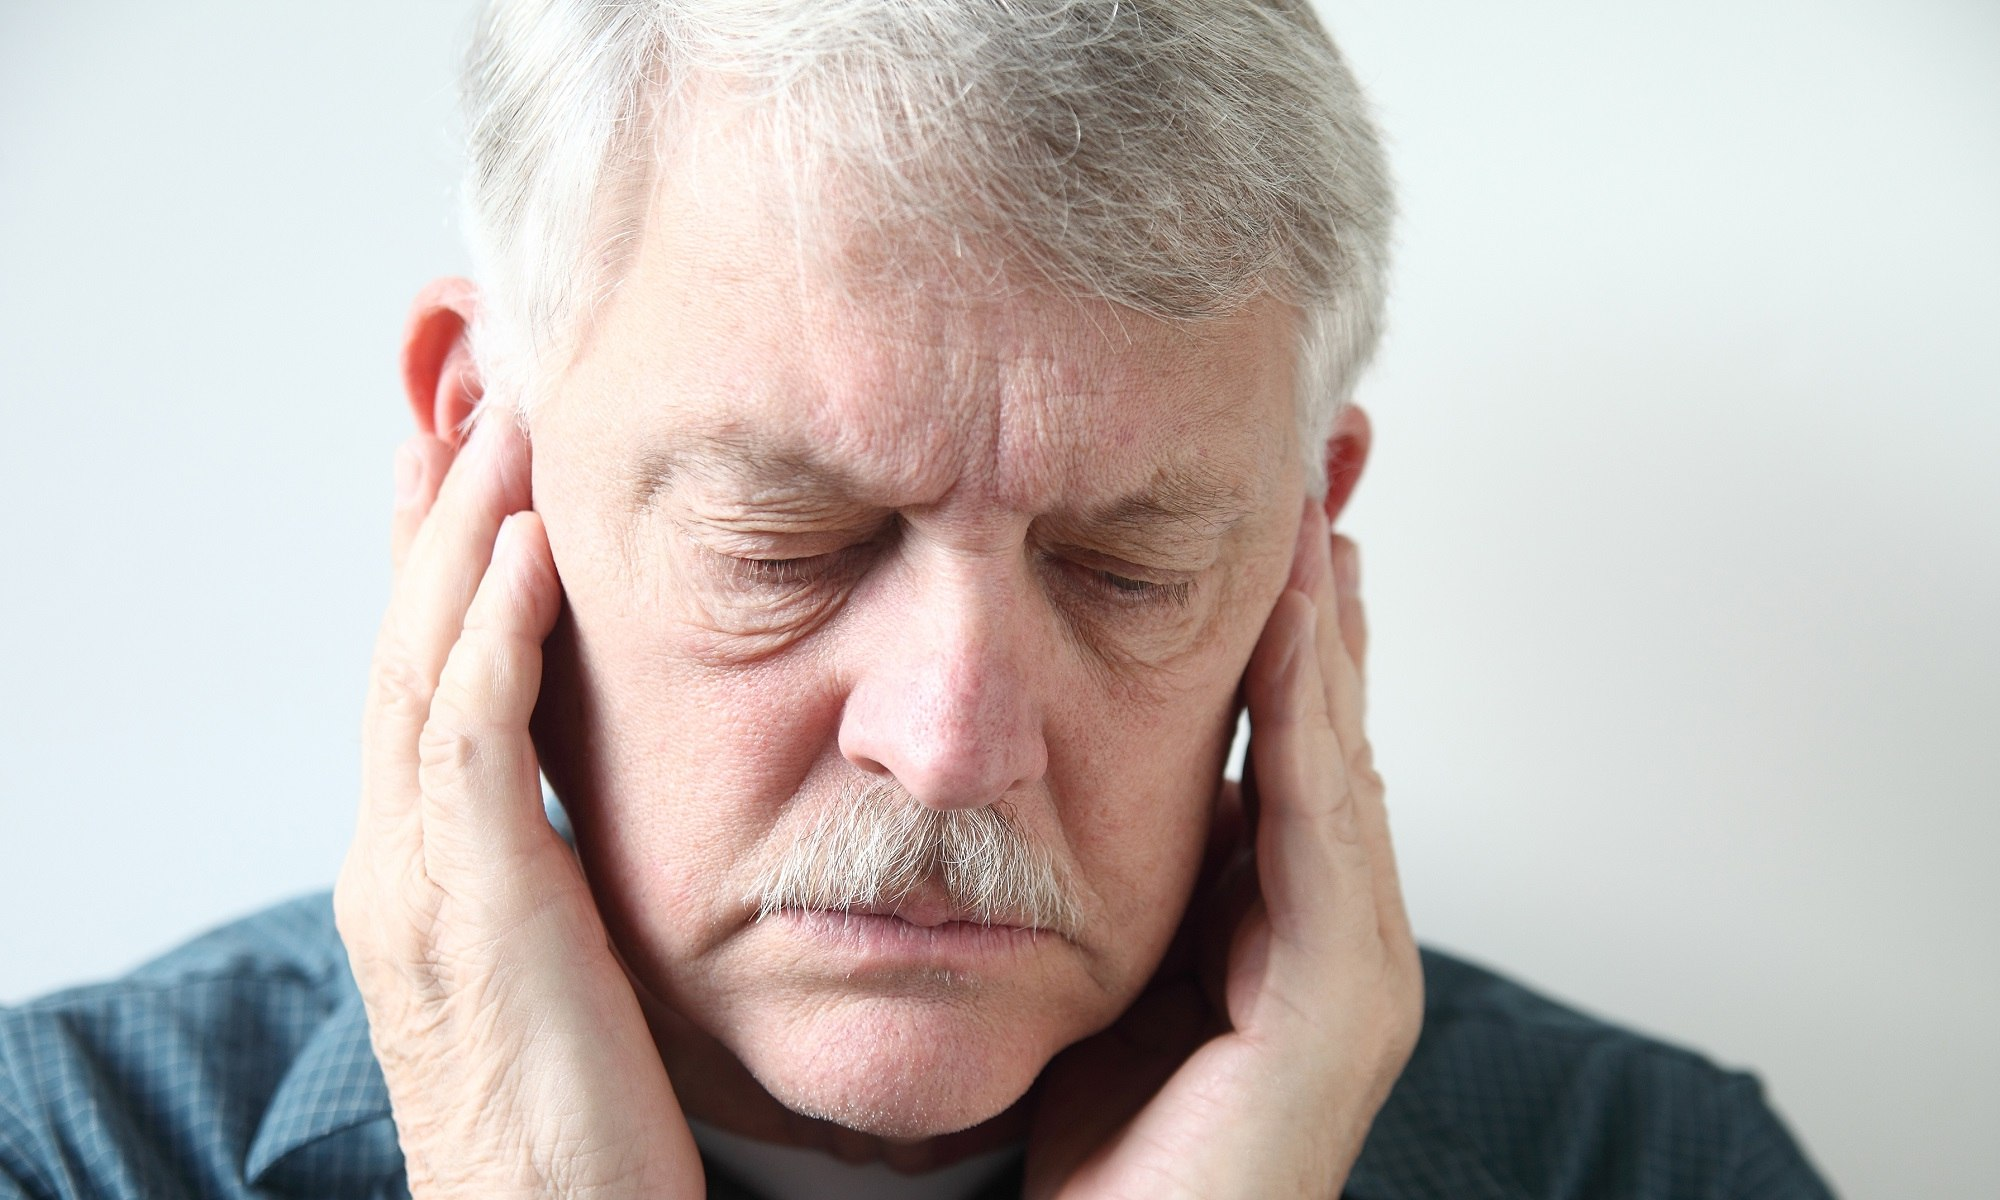 不管耳鳴或腦鳴,都是因為聽覺器官的損傷之後,腦部的感受異常所造成的